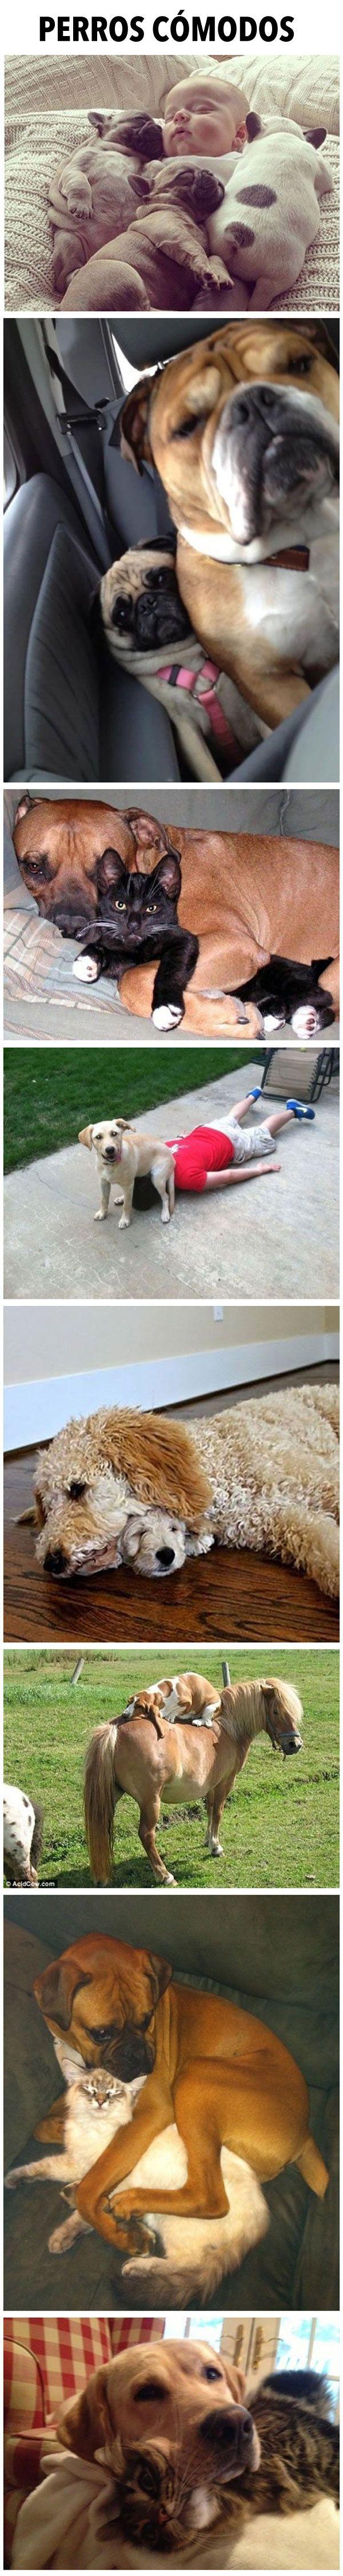 Perros cómodos